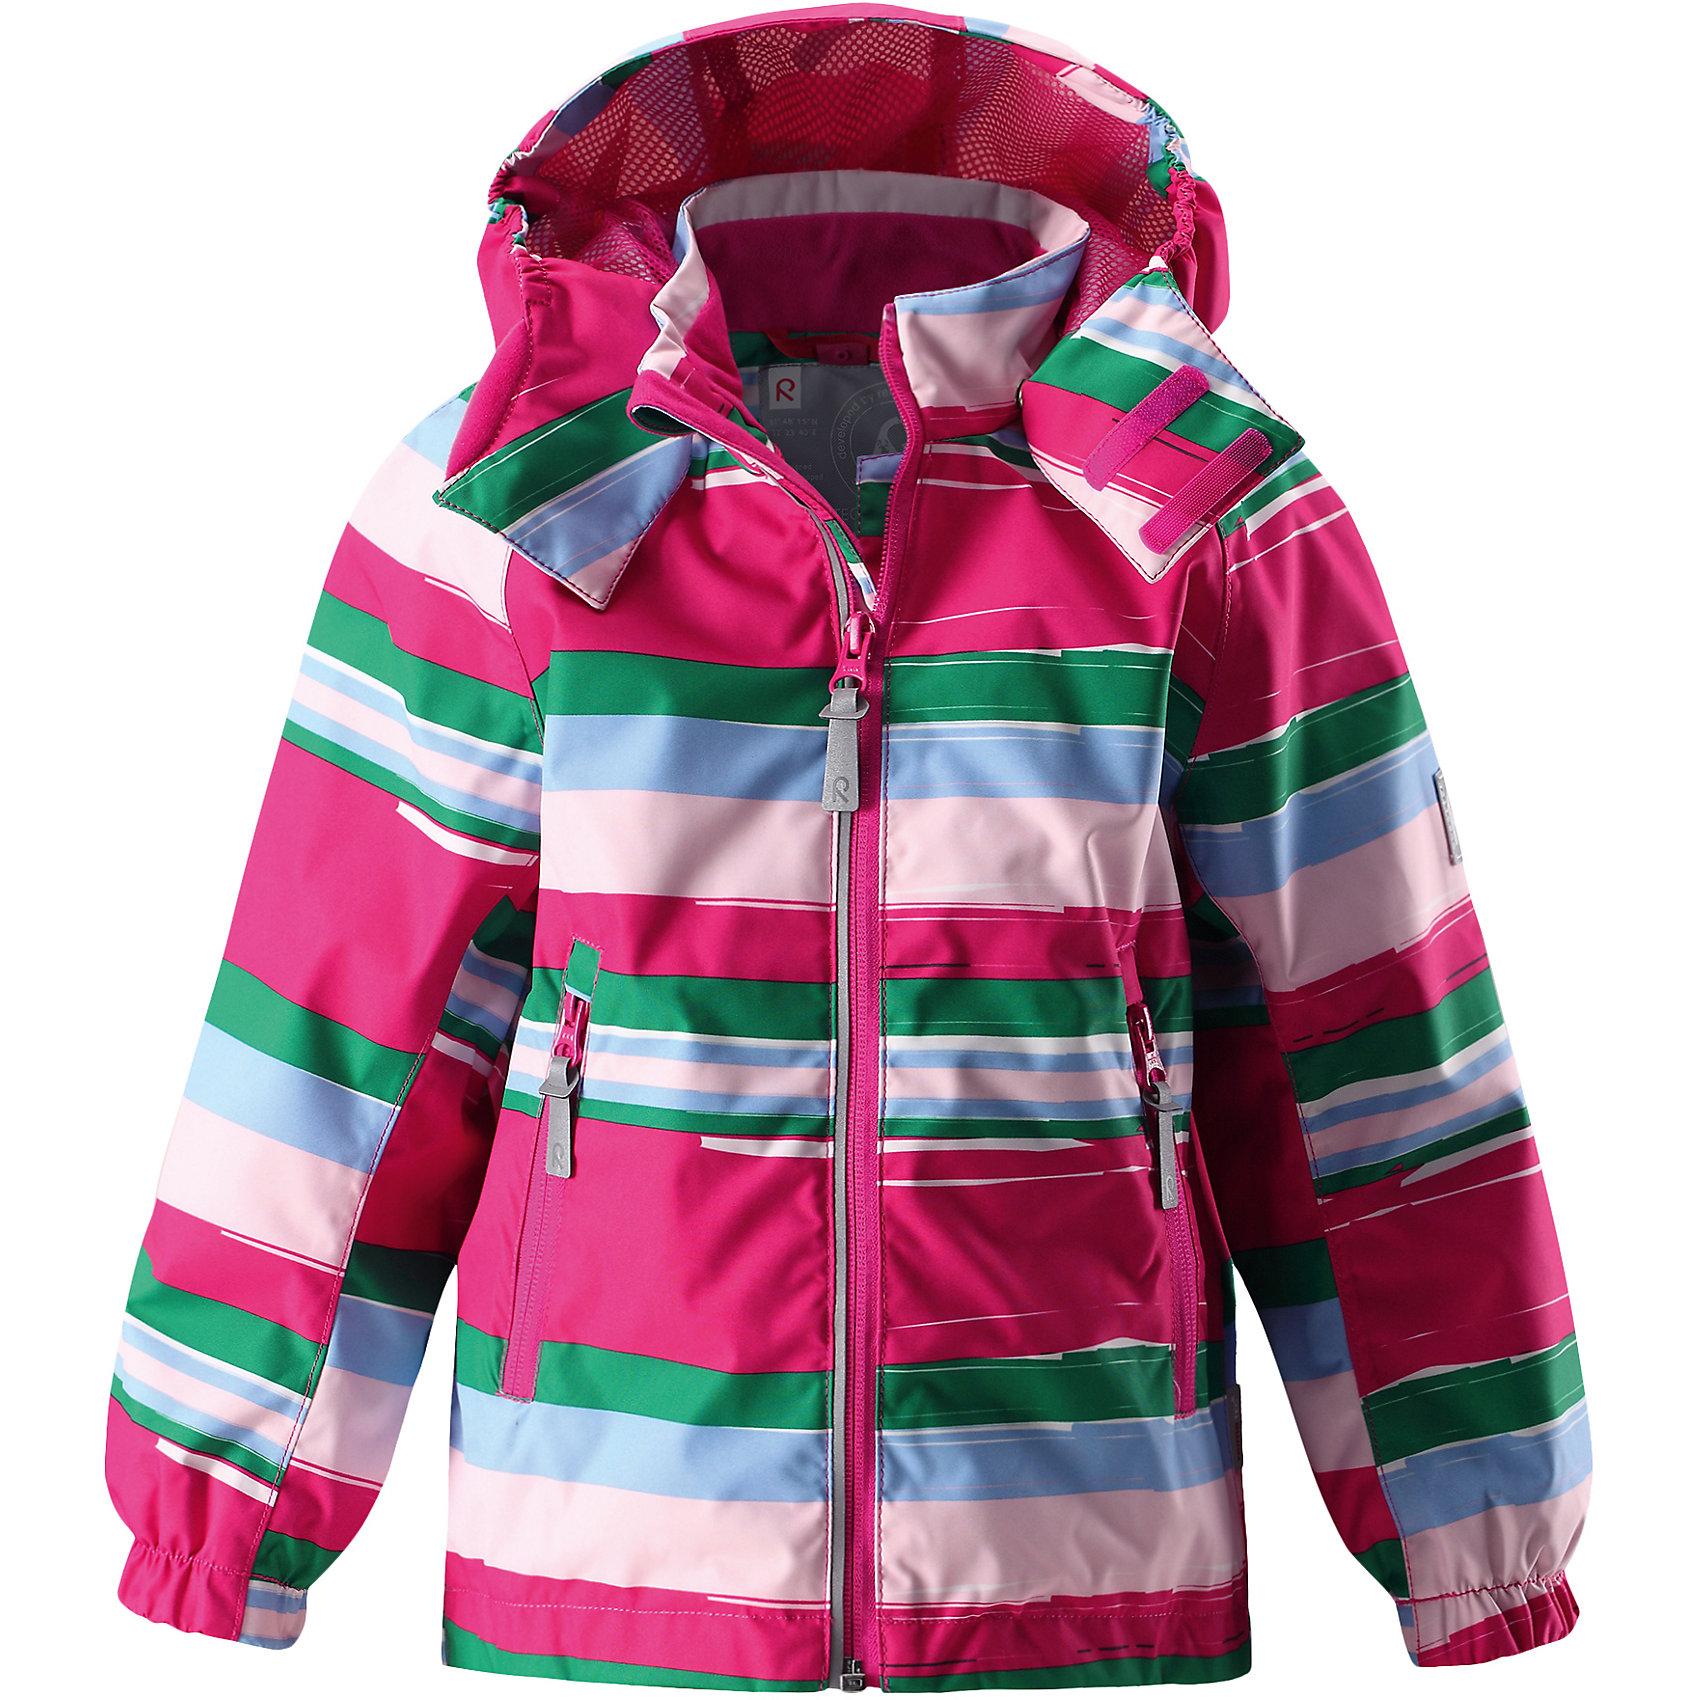 Куртка Tour для девочки Reimatec® ReimaОдежда<br>Характеристики товара:<br><br>• цвет: розовый<br>• состав: 100% полиэстер, полиуретановое покрытие<br>• температурный режим: от +5° до +15°С<br>• водонепроницаемость: 15000 мм<br>• воздухопроницаемость: 5000 мм<br>• износостойкость: 40000 циклов (тест Мартиндейла)<br>• без утеплителя<br>• основные швы проклеены, водонепроницаемы<br>• водо- и ветронепроницаемый, дышащий, грязеотталкивающий материал<br>• подкладка из mesh-сетки<br>• безопасный съёмный и регулируемый капюшон<br>• эластичные манжеты<br>• два кармана на молнии<br>• регулируемый подол<br>• светоотражающие детали<br>• комфортная посадка<br>• страна производства: Китай<br>• страна бренда: Финляндия<br>• коллекция: весна-лето 2017<br><br>В межсезонье верхняя одежда для детей может быть модной и комфортной одновременно! Демисезонная куртка поможет обеспечить ребенку комфорт и тепло. Она отлично смотрится с различной одеждой и обувью. Изделие удобно сидит и модно выглядит. Материал - прочный, хорошо подходящий для межсезонья, водо- и ветронепроницаемый, «дышащий». Стильный дизайн разрабатывался специально для детей.<br><br>Одежда и обувь от финского бренда Reima пользуется популярностью во многих странах. Эти изделия стильные, качественные и удобные. Для производства продукции используются только безопасные, проверенные материалы и фурнитура. Порадуйте ребенка модными и красивыми вещами от Reima! <br><br>Куртку для девочки Reimatec® от финского бренда Reima (Рейма) можно купить в нашем интернет-магазине.<br><br>Ширина мм: 356<br>Глубина мм: 10<br>Высота мм: 245<br>Вес г: 519<br>Цвет: розовый<br>Возраст от месяцев: 72<br>Возраст до месяцев: 84<br>Пол: Женский<br>Возраст: Детский<br>Размер: 122,110,128,98,116,104,92<br>SKU: 5265988